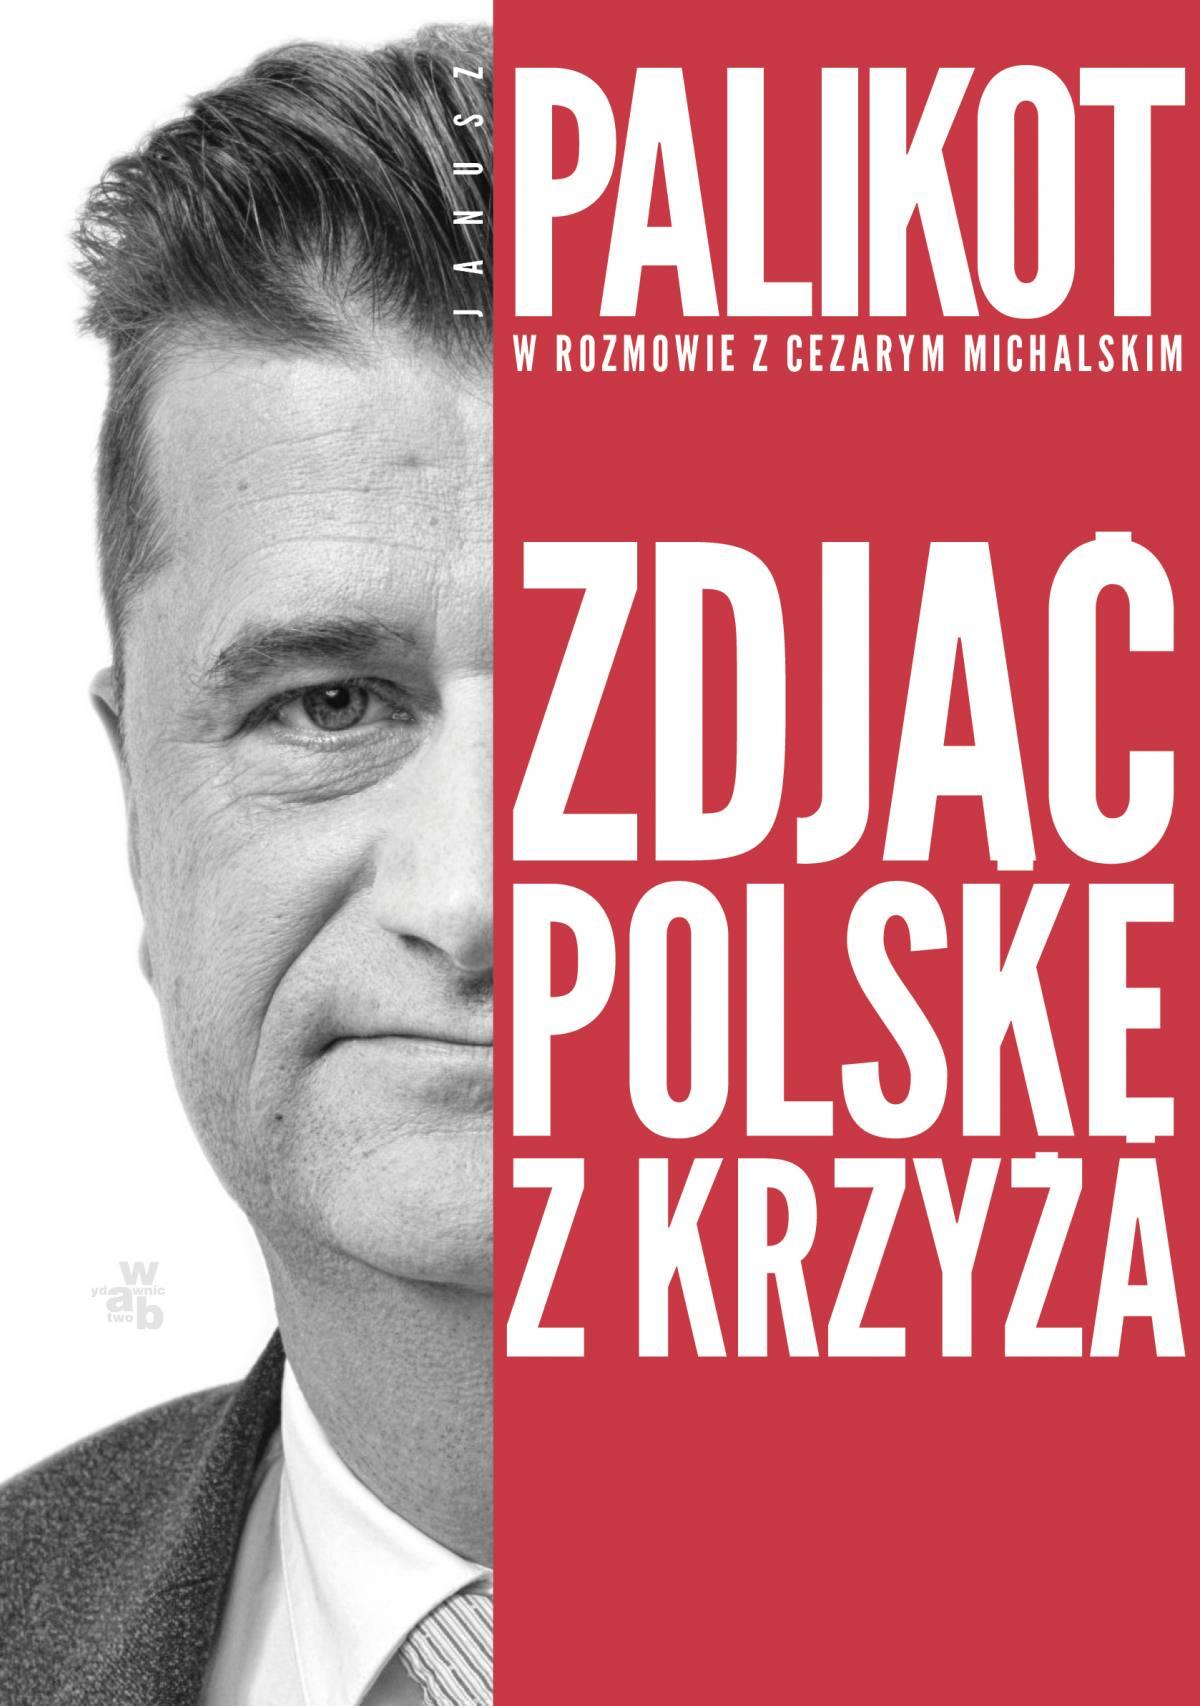 Zdjąć Polskę z krzyża - Ebook (Książka EPUB) do pobrania w formacie EPUB